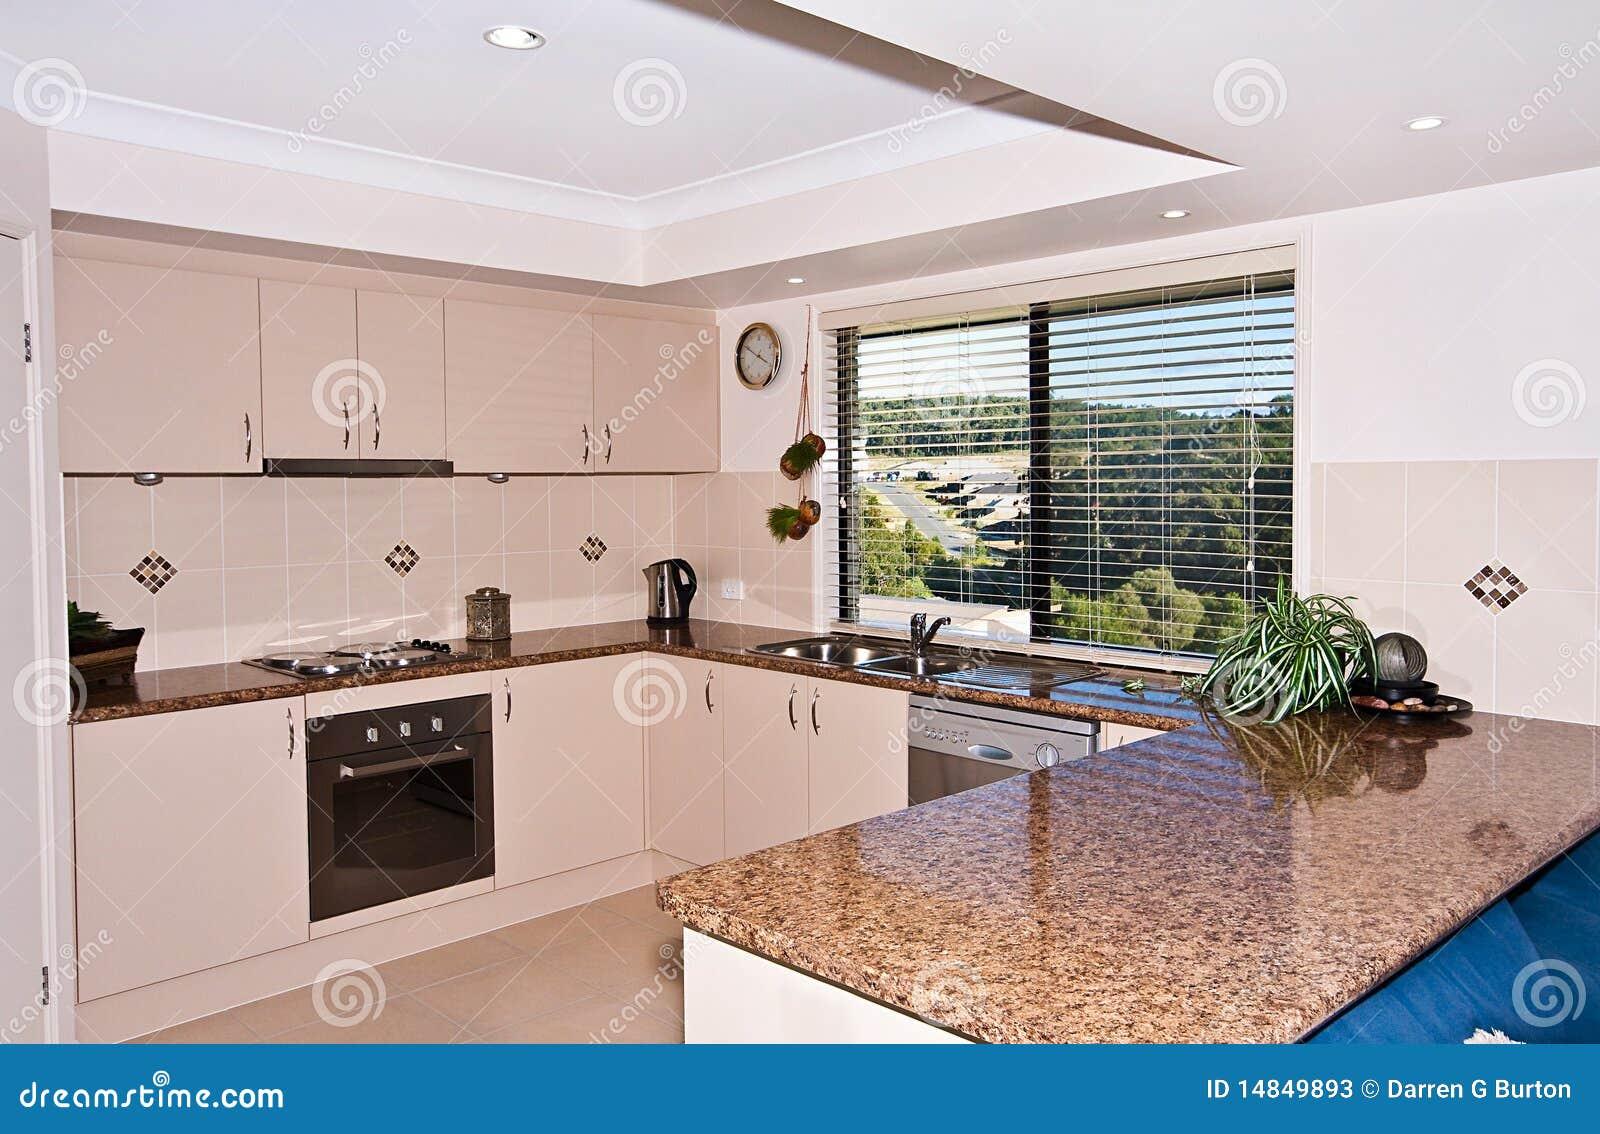 Plus adapté Cuisine très moderne image stock. Image du cuisinier - 14849893 KR-28